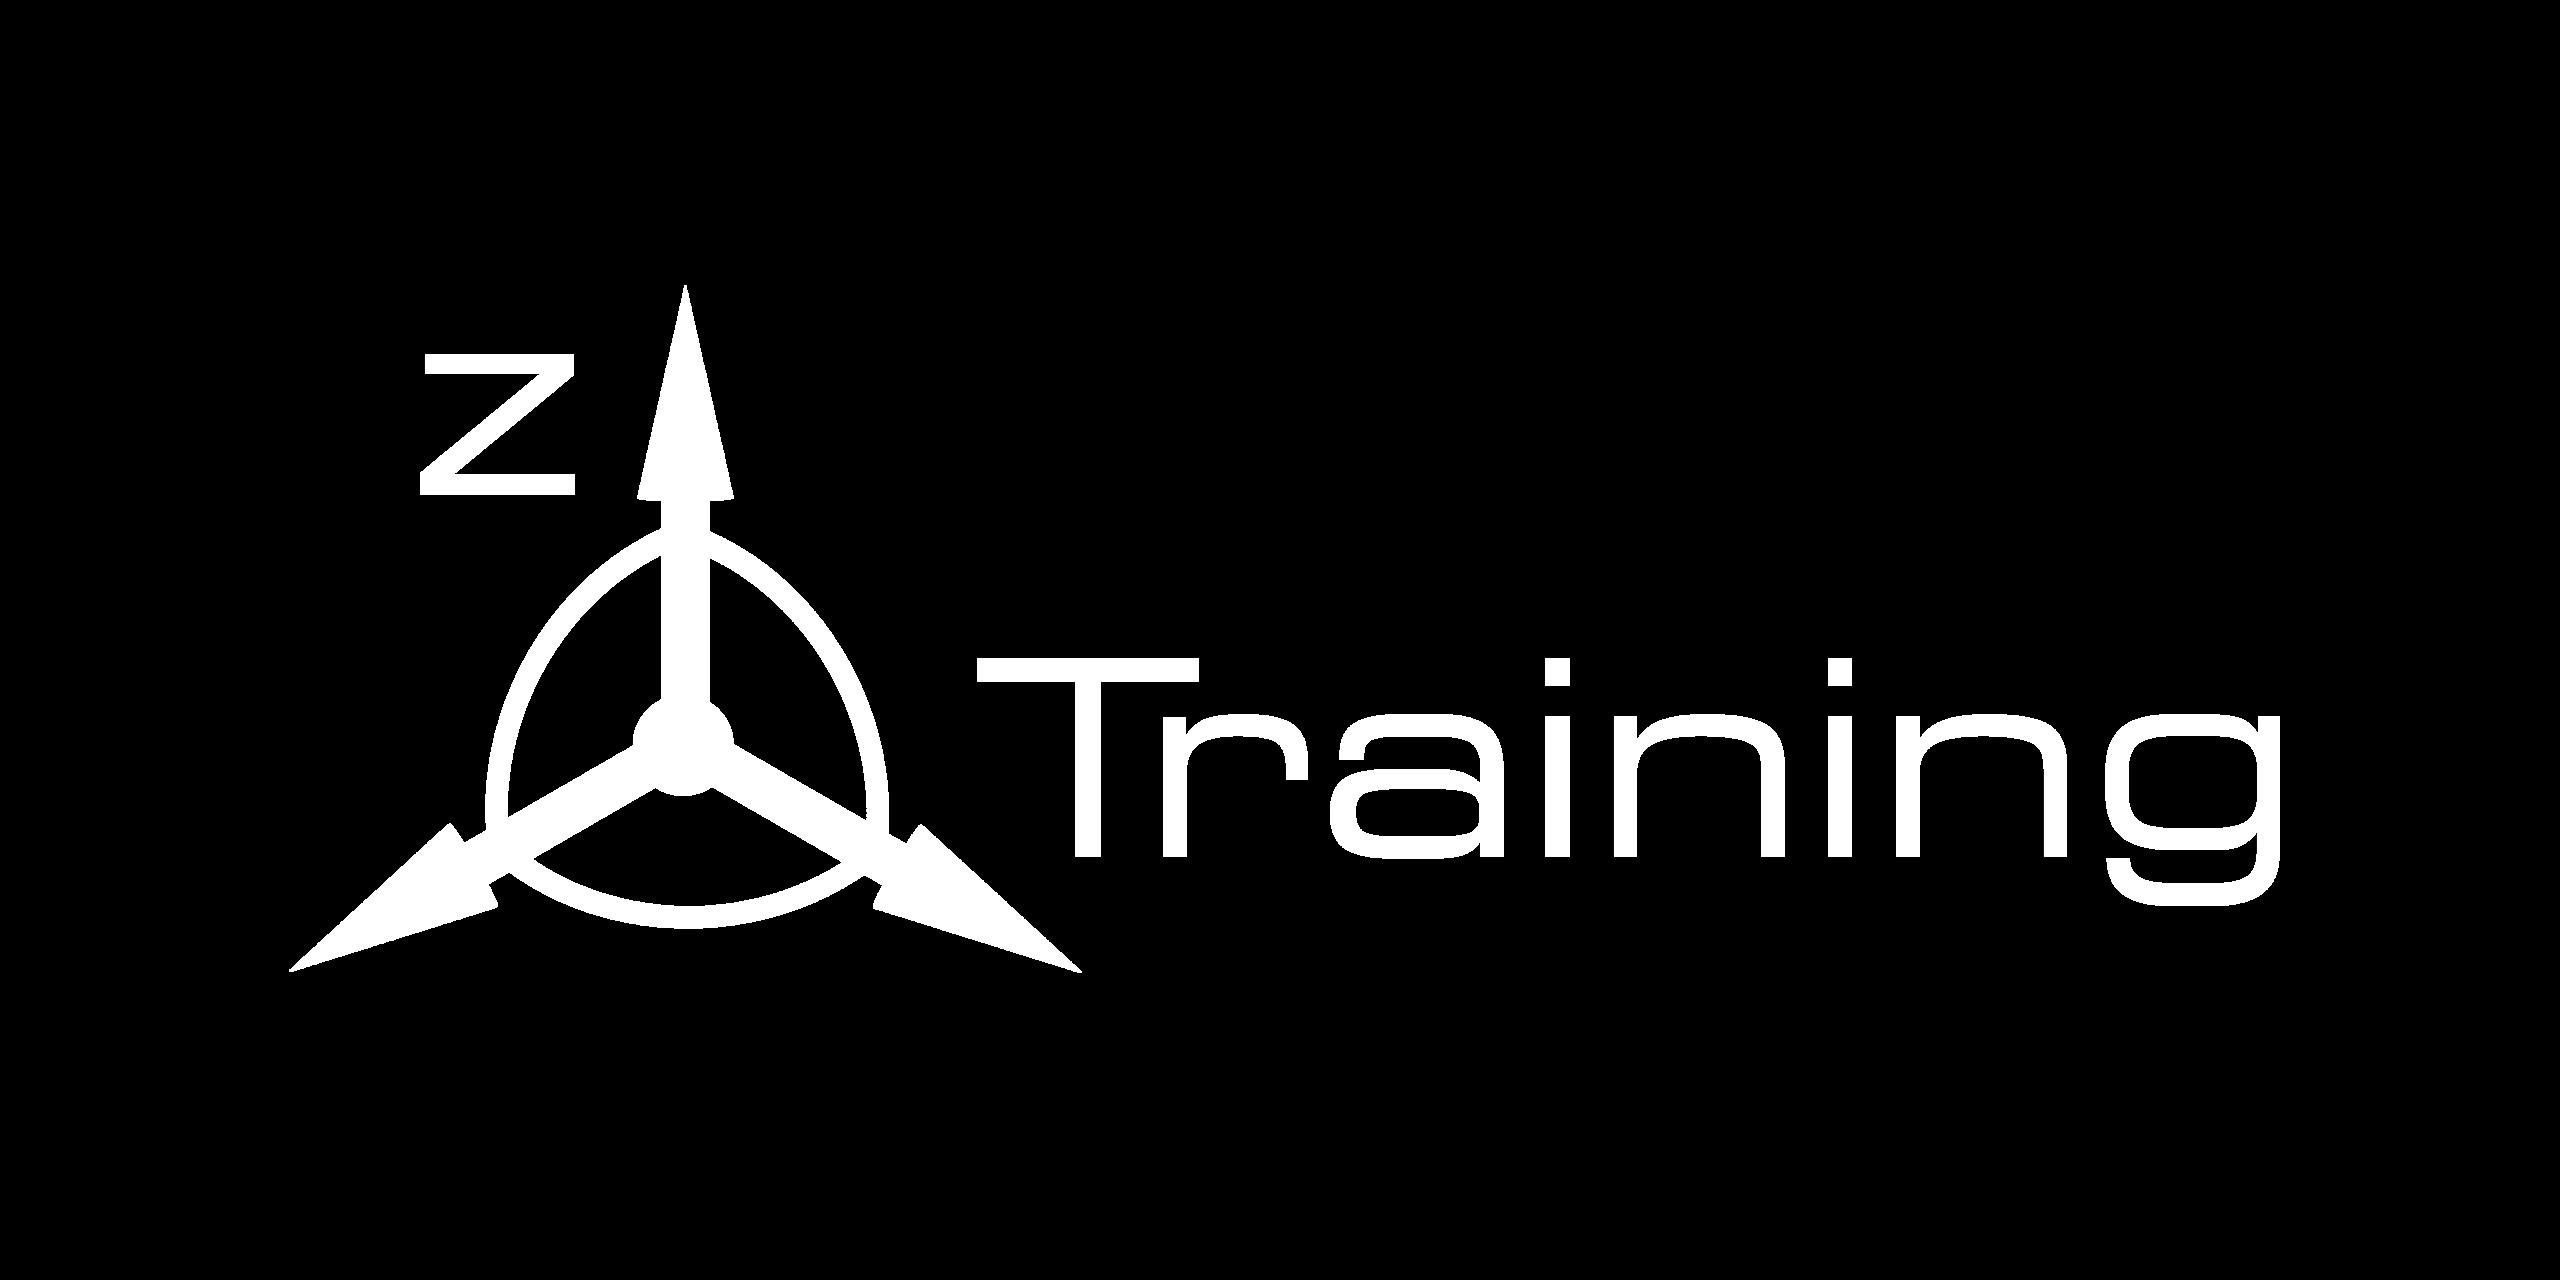 Logo zTraining